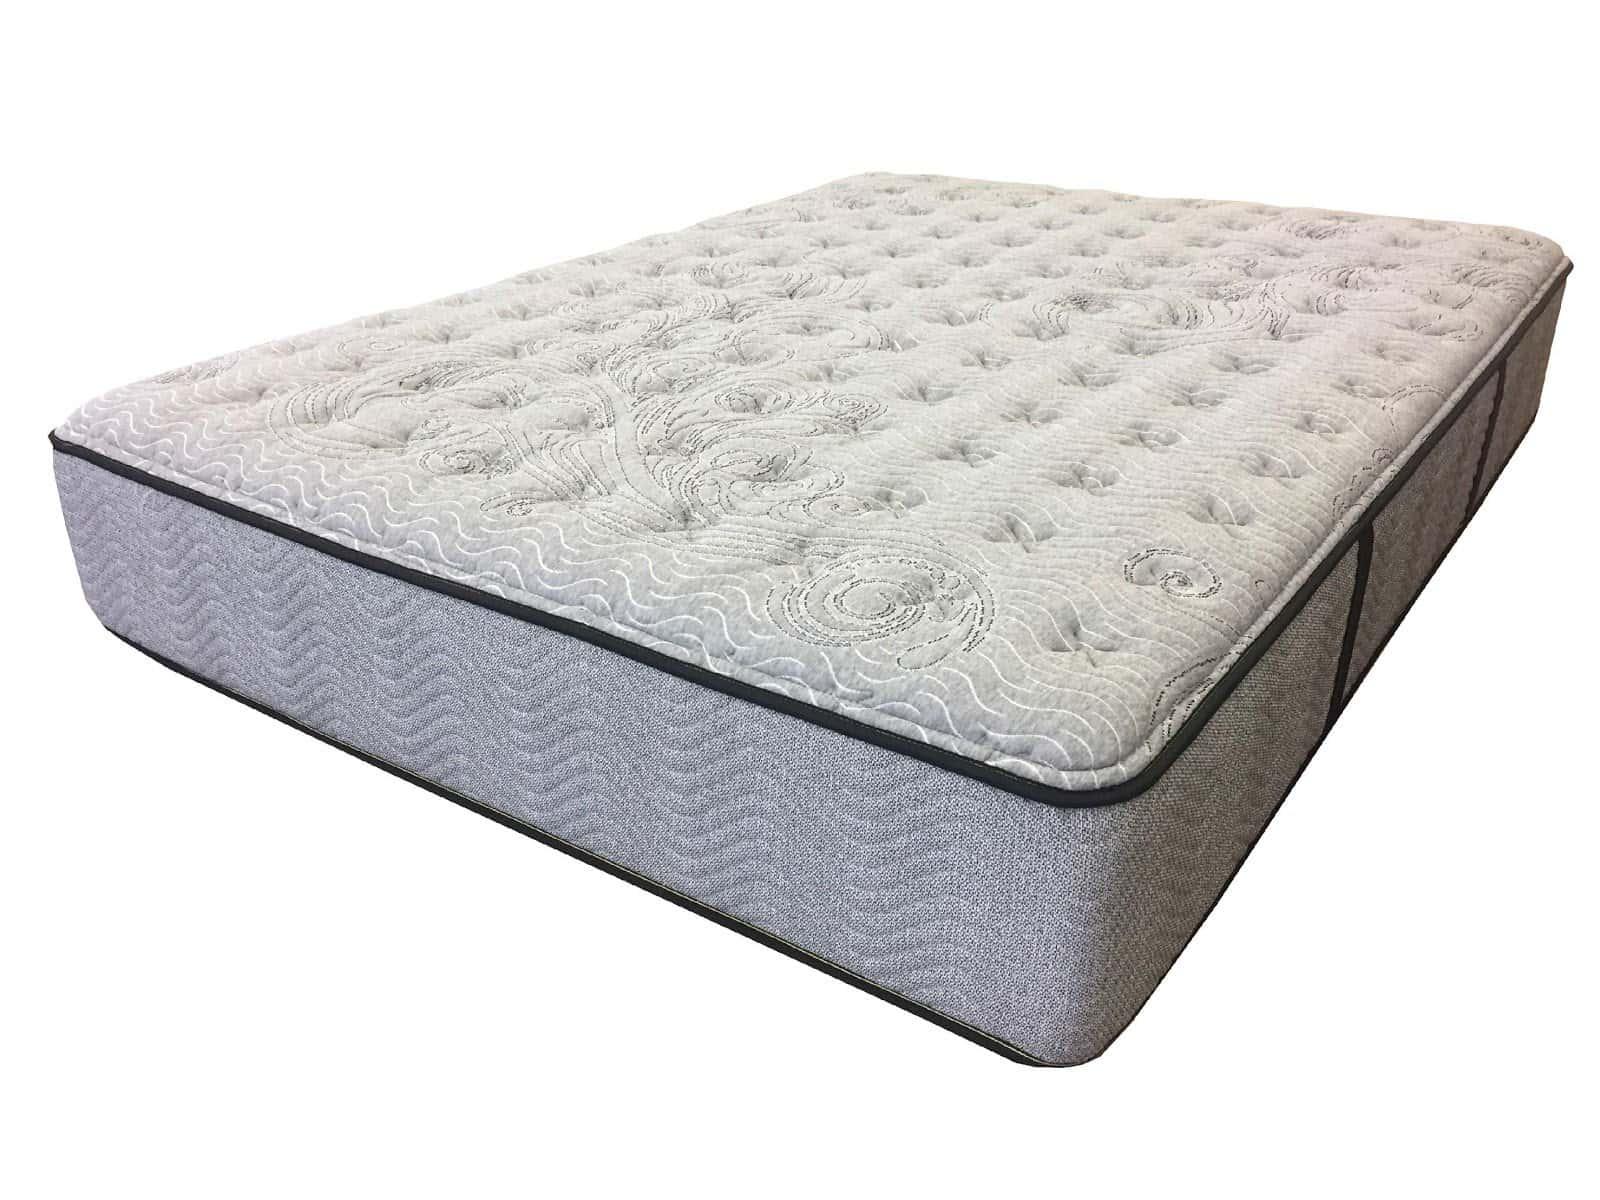 8000 Cushion Firm